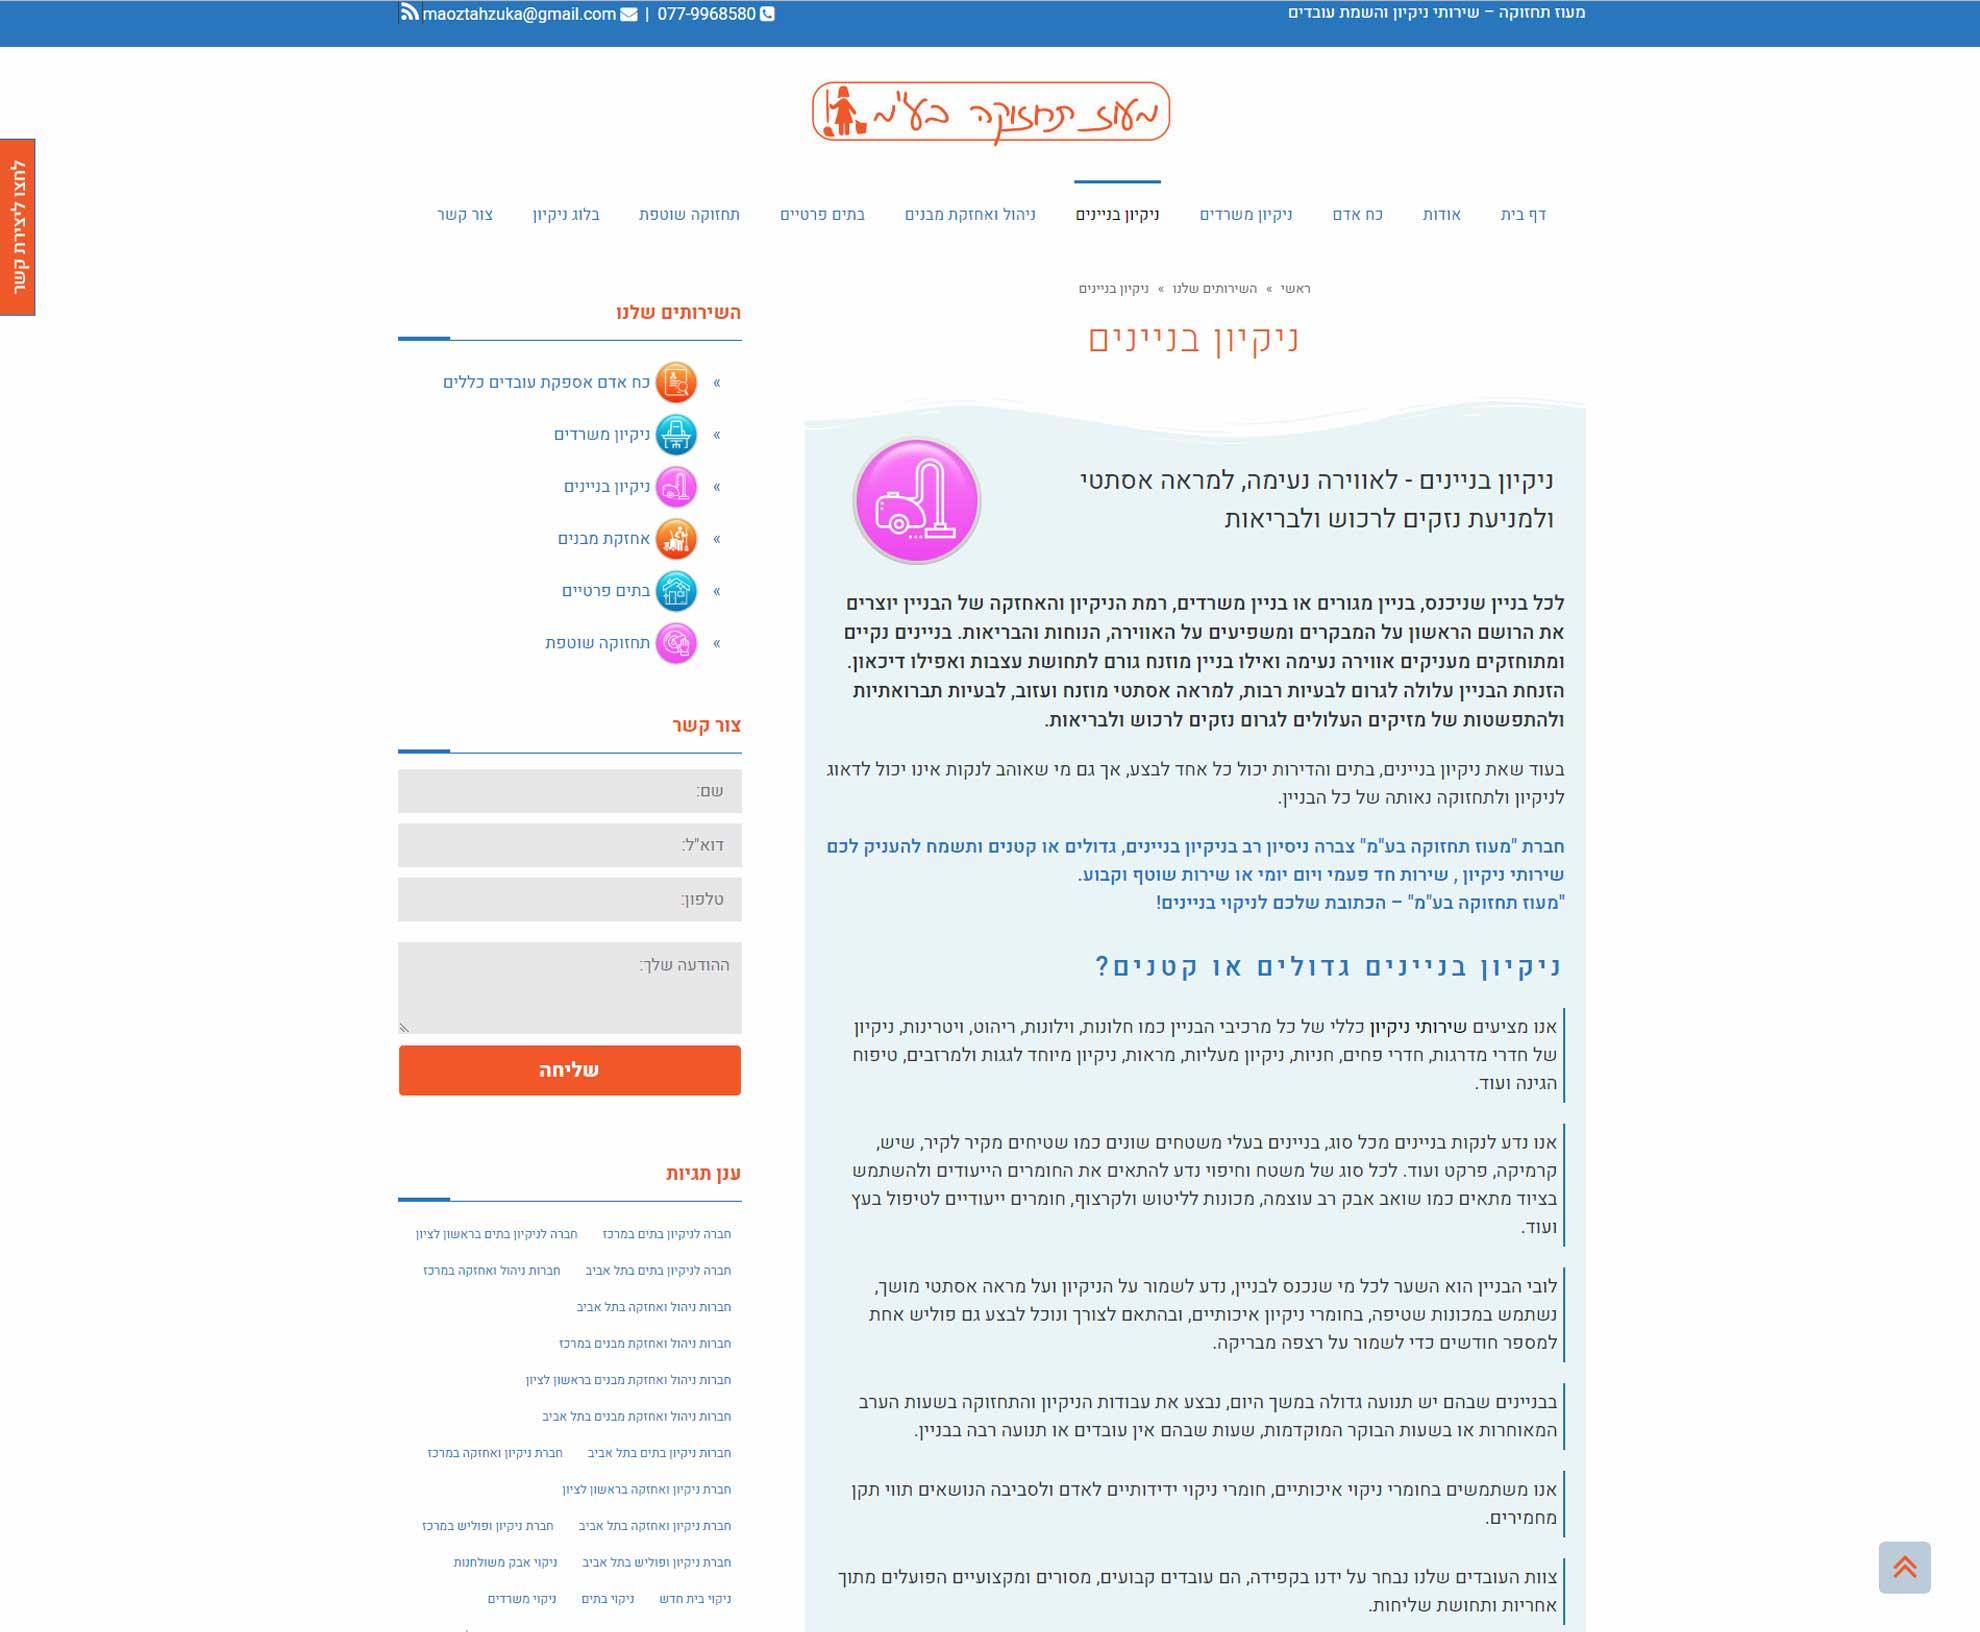 מעוף עיצובים-עיצוב ובניית אתר תדמיתי חברת נקיון וכח אדם מעוז תחזוקה